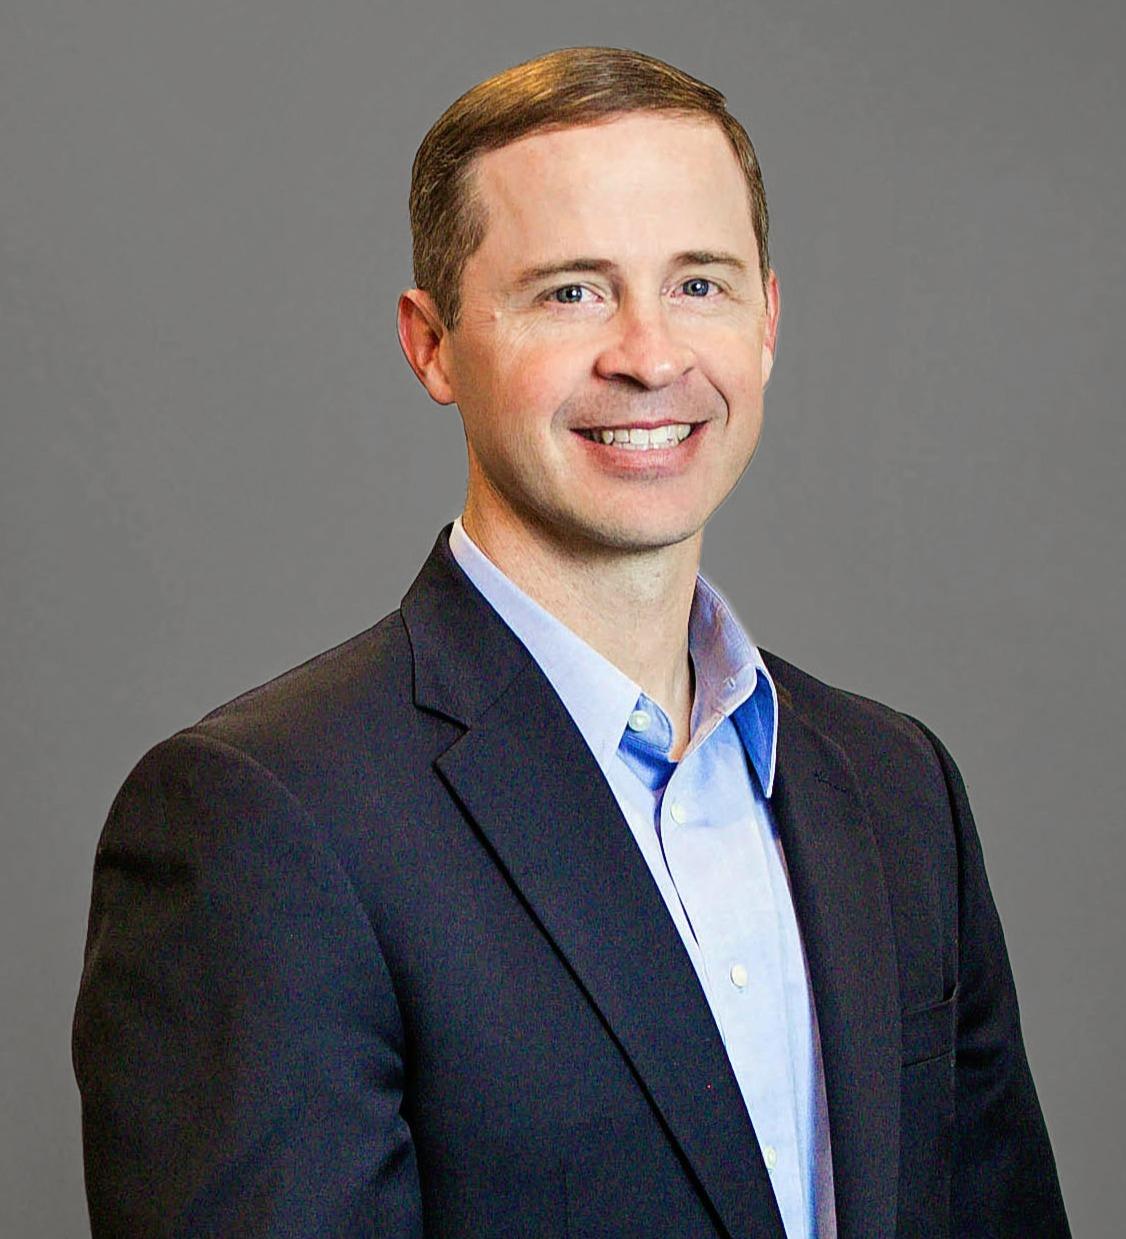 Joshua Worley's Profile Image